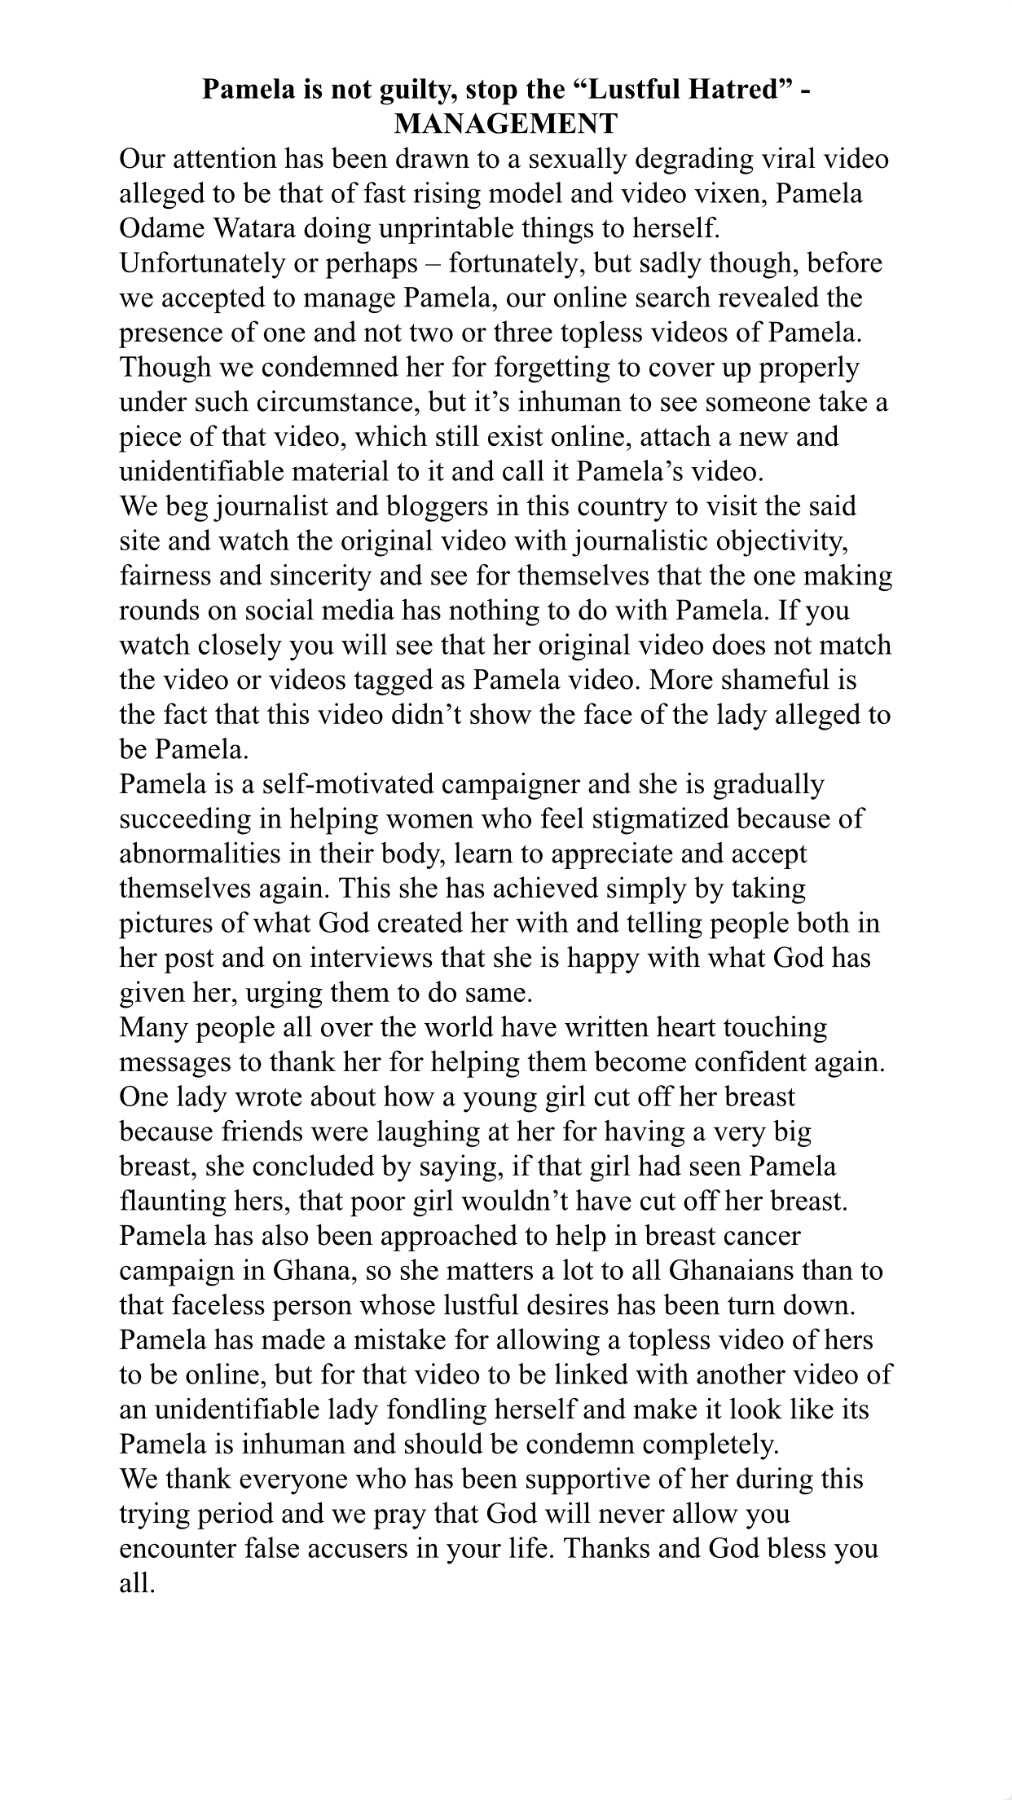 Pamela Watara denies being in recently leaked explicit video